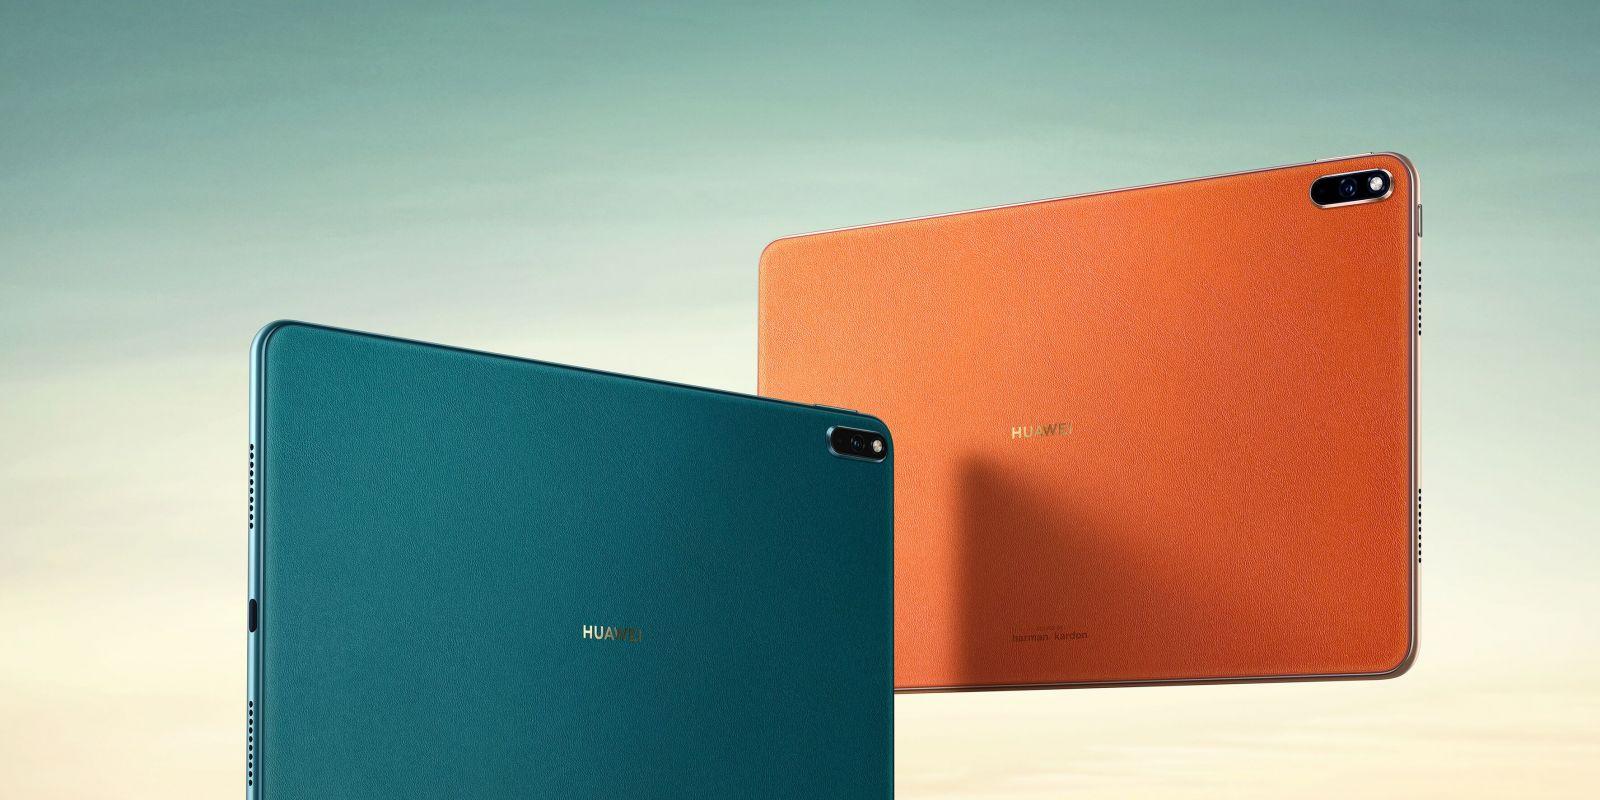 Huawei predstavil vlajkovú loď medzi tabletmi - MatePad Pro 5G